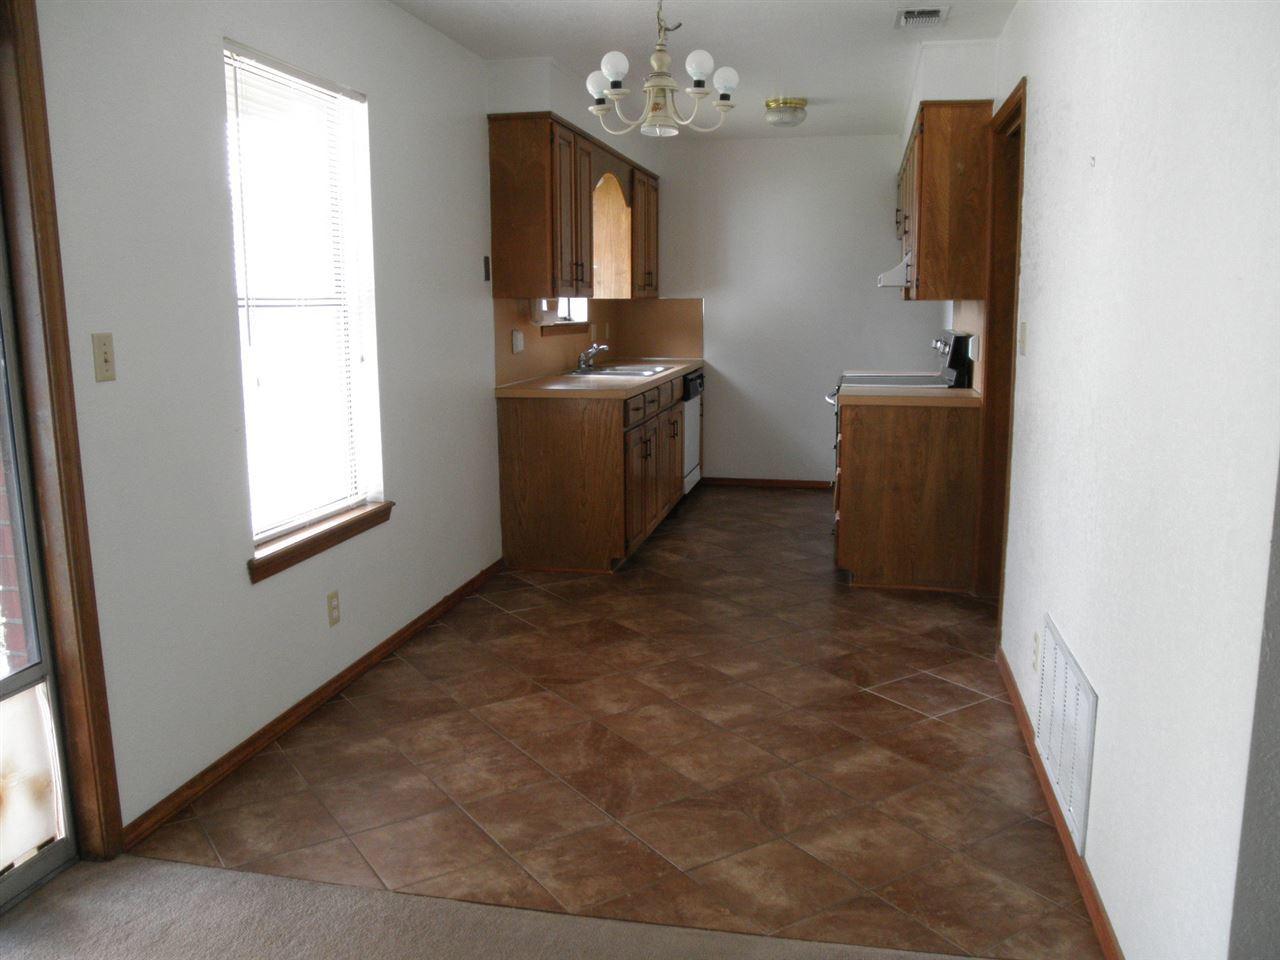 Sold Cross Sale W/ MLS | 124 Woodbury  Ponca City, OK 74601 5